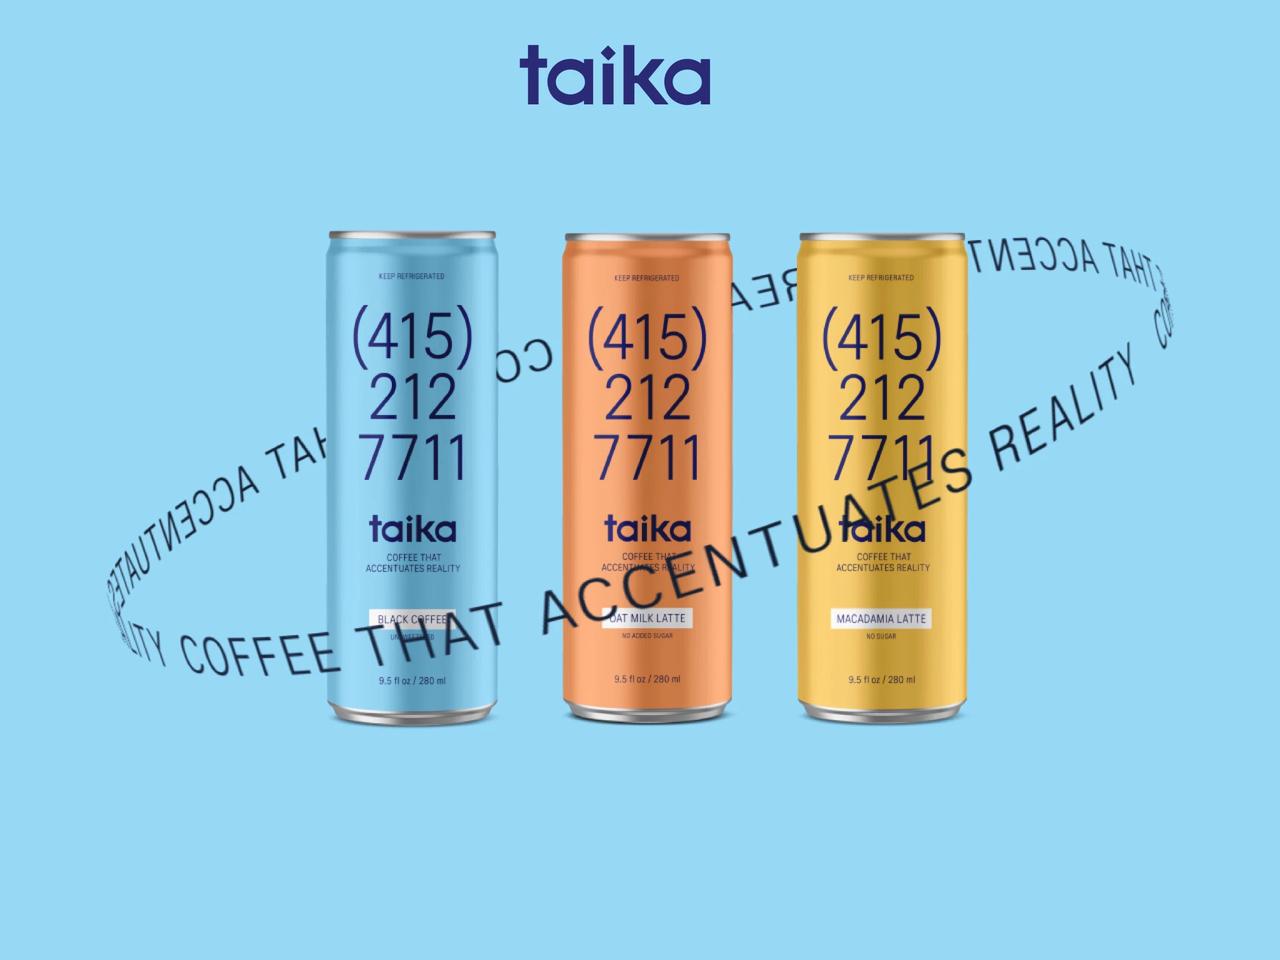 不关注咖啡的产地,但关注你喝完的感受,植物基咖啡品牌 Taika 获 270 万美元种子轮融资